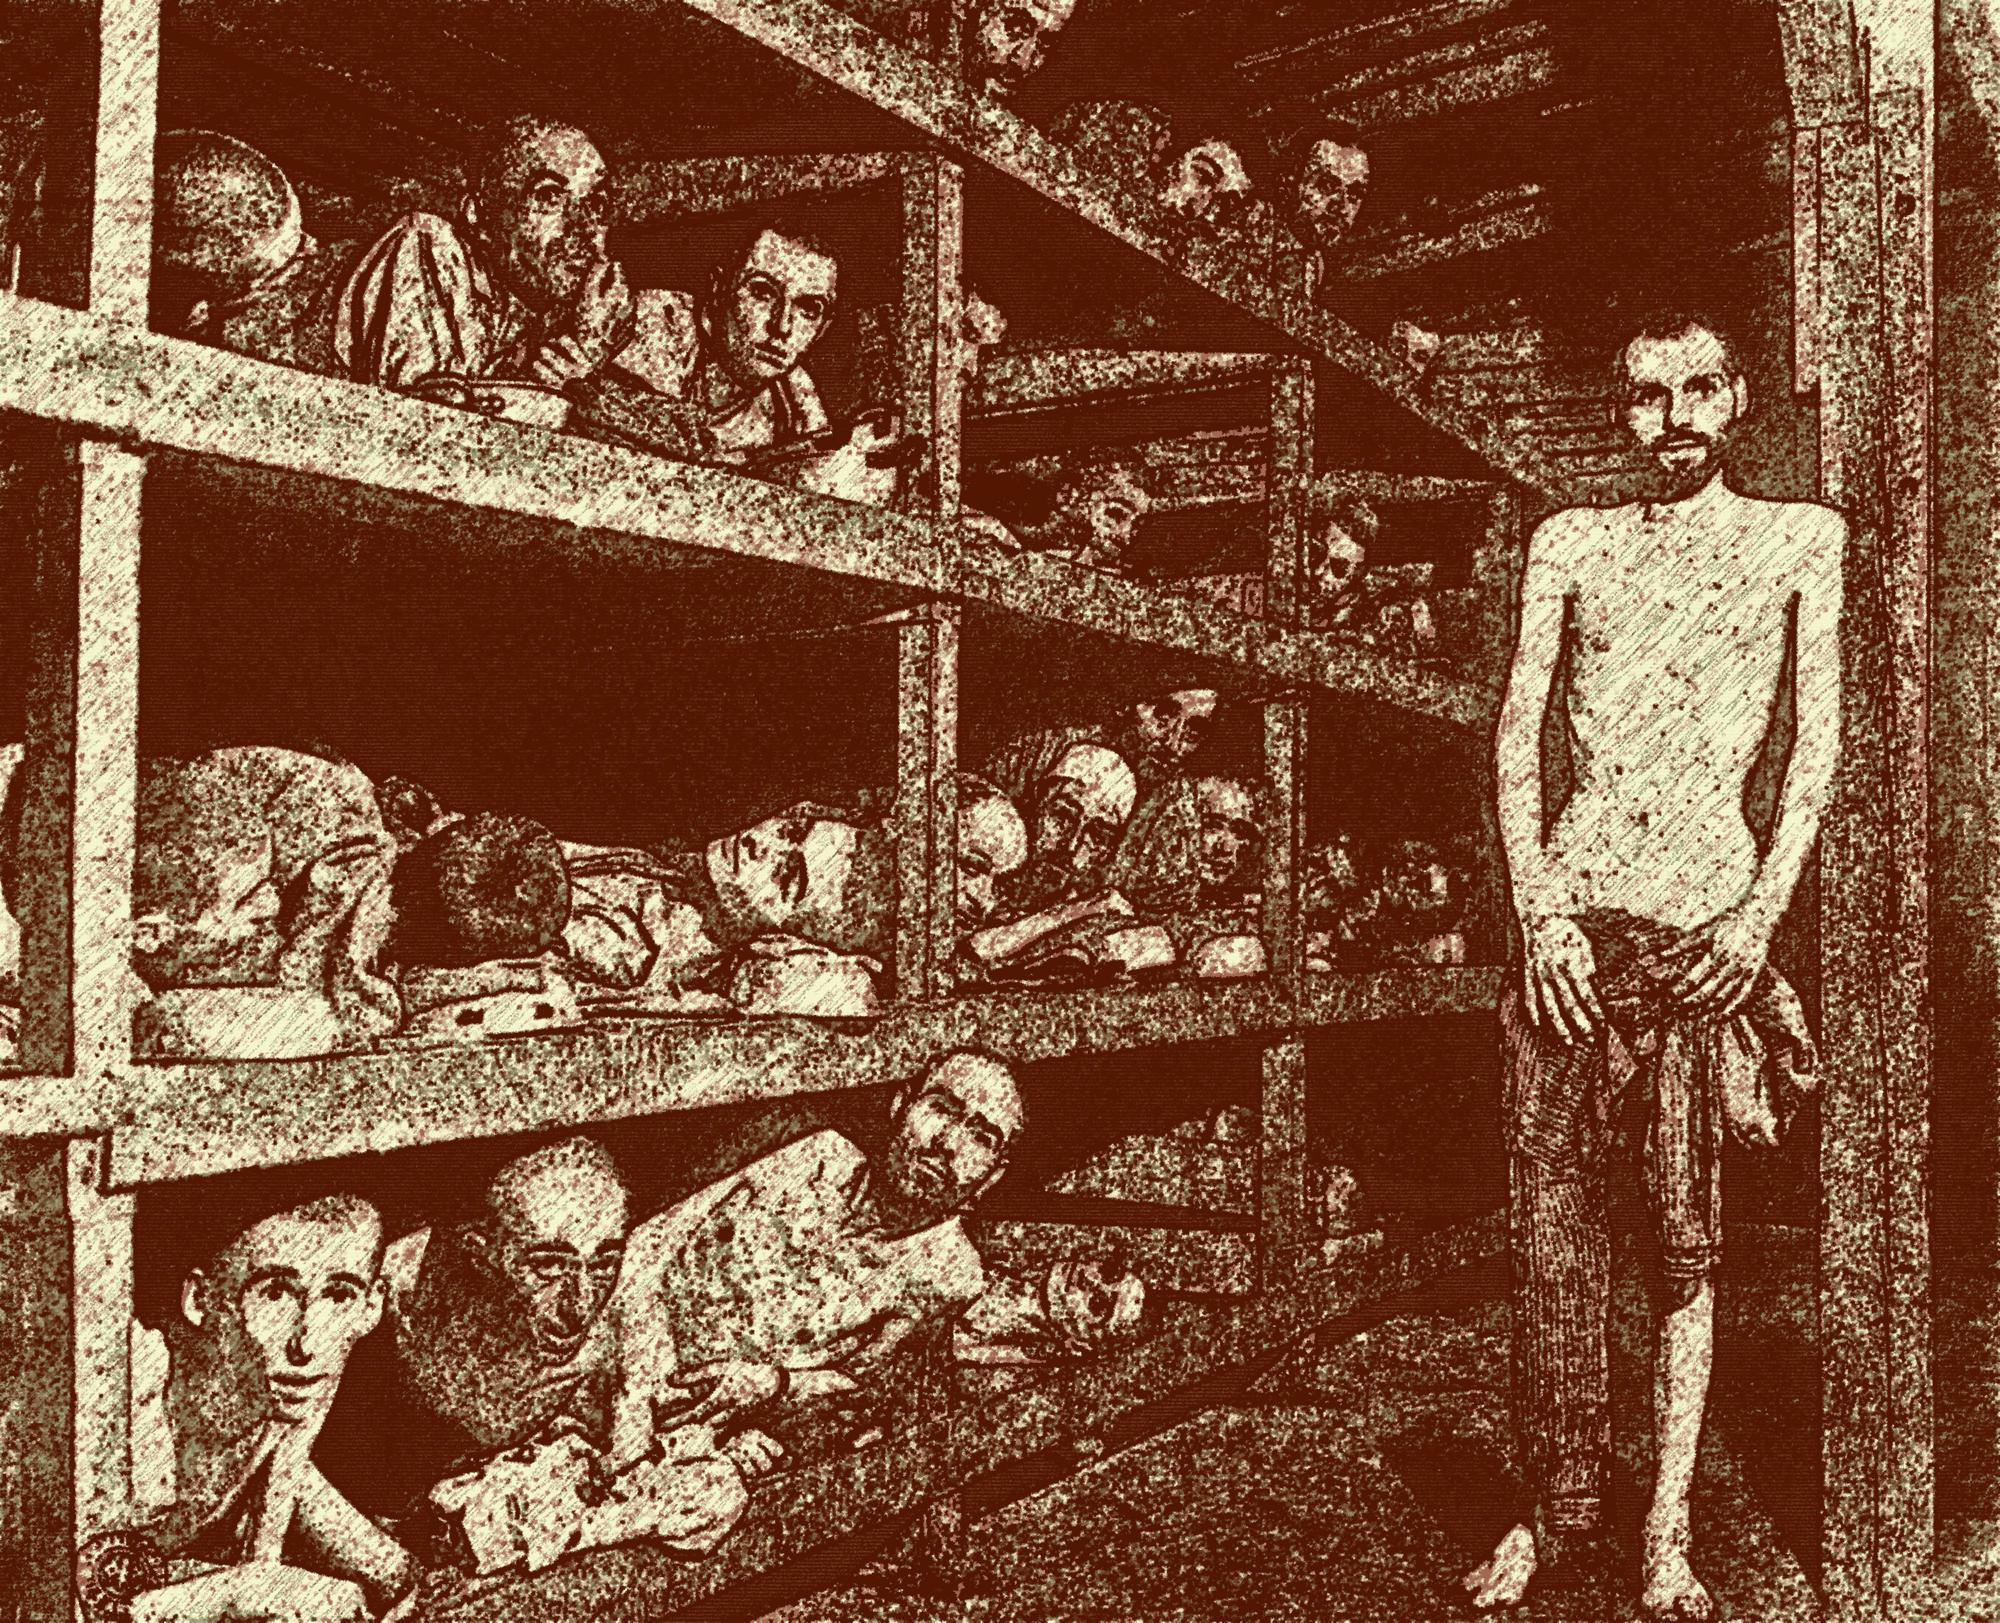 Campo di concentramento di Buchenwald, prigionieri all'interno di una baracca.